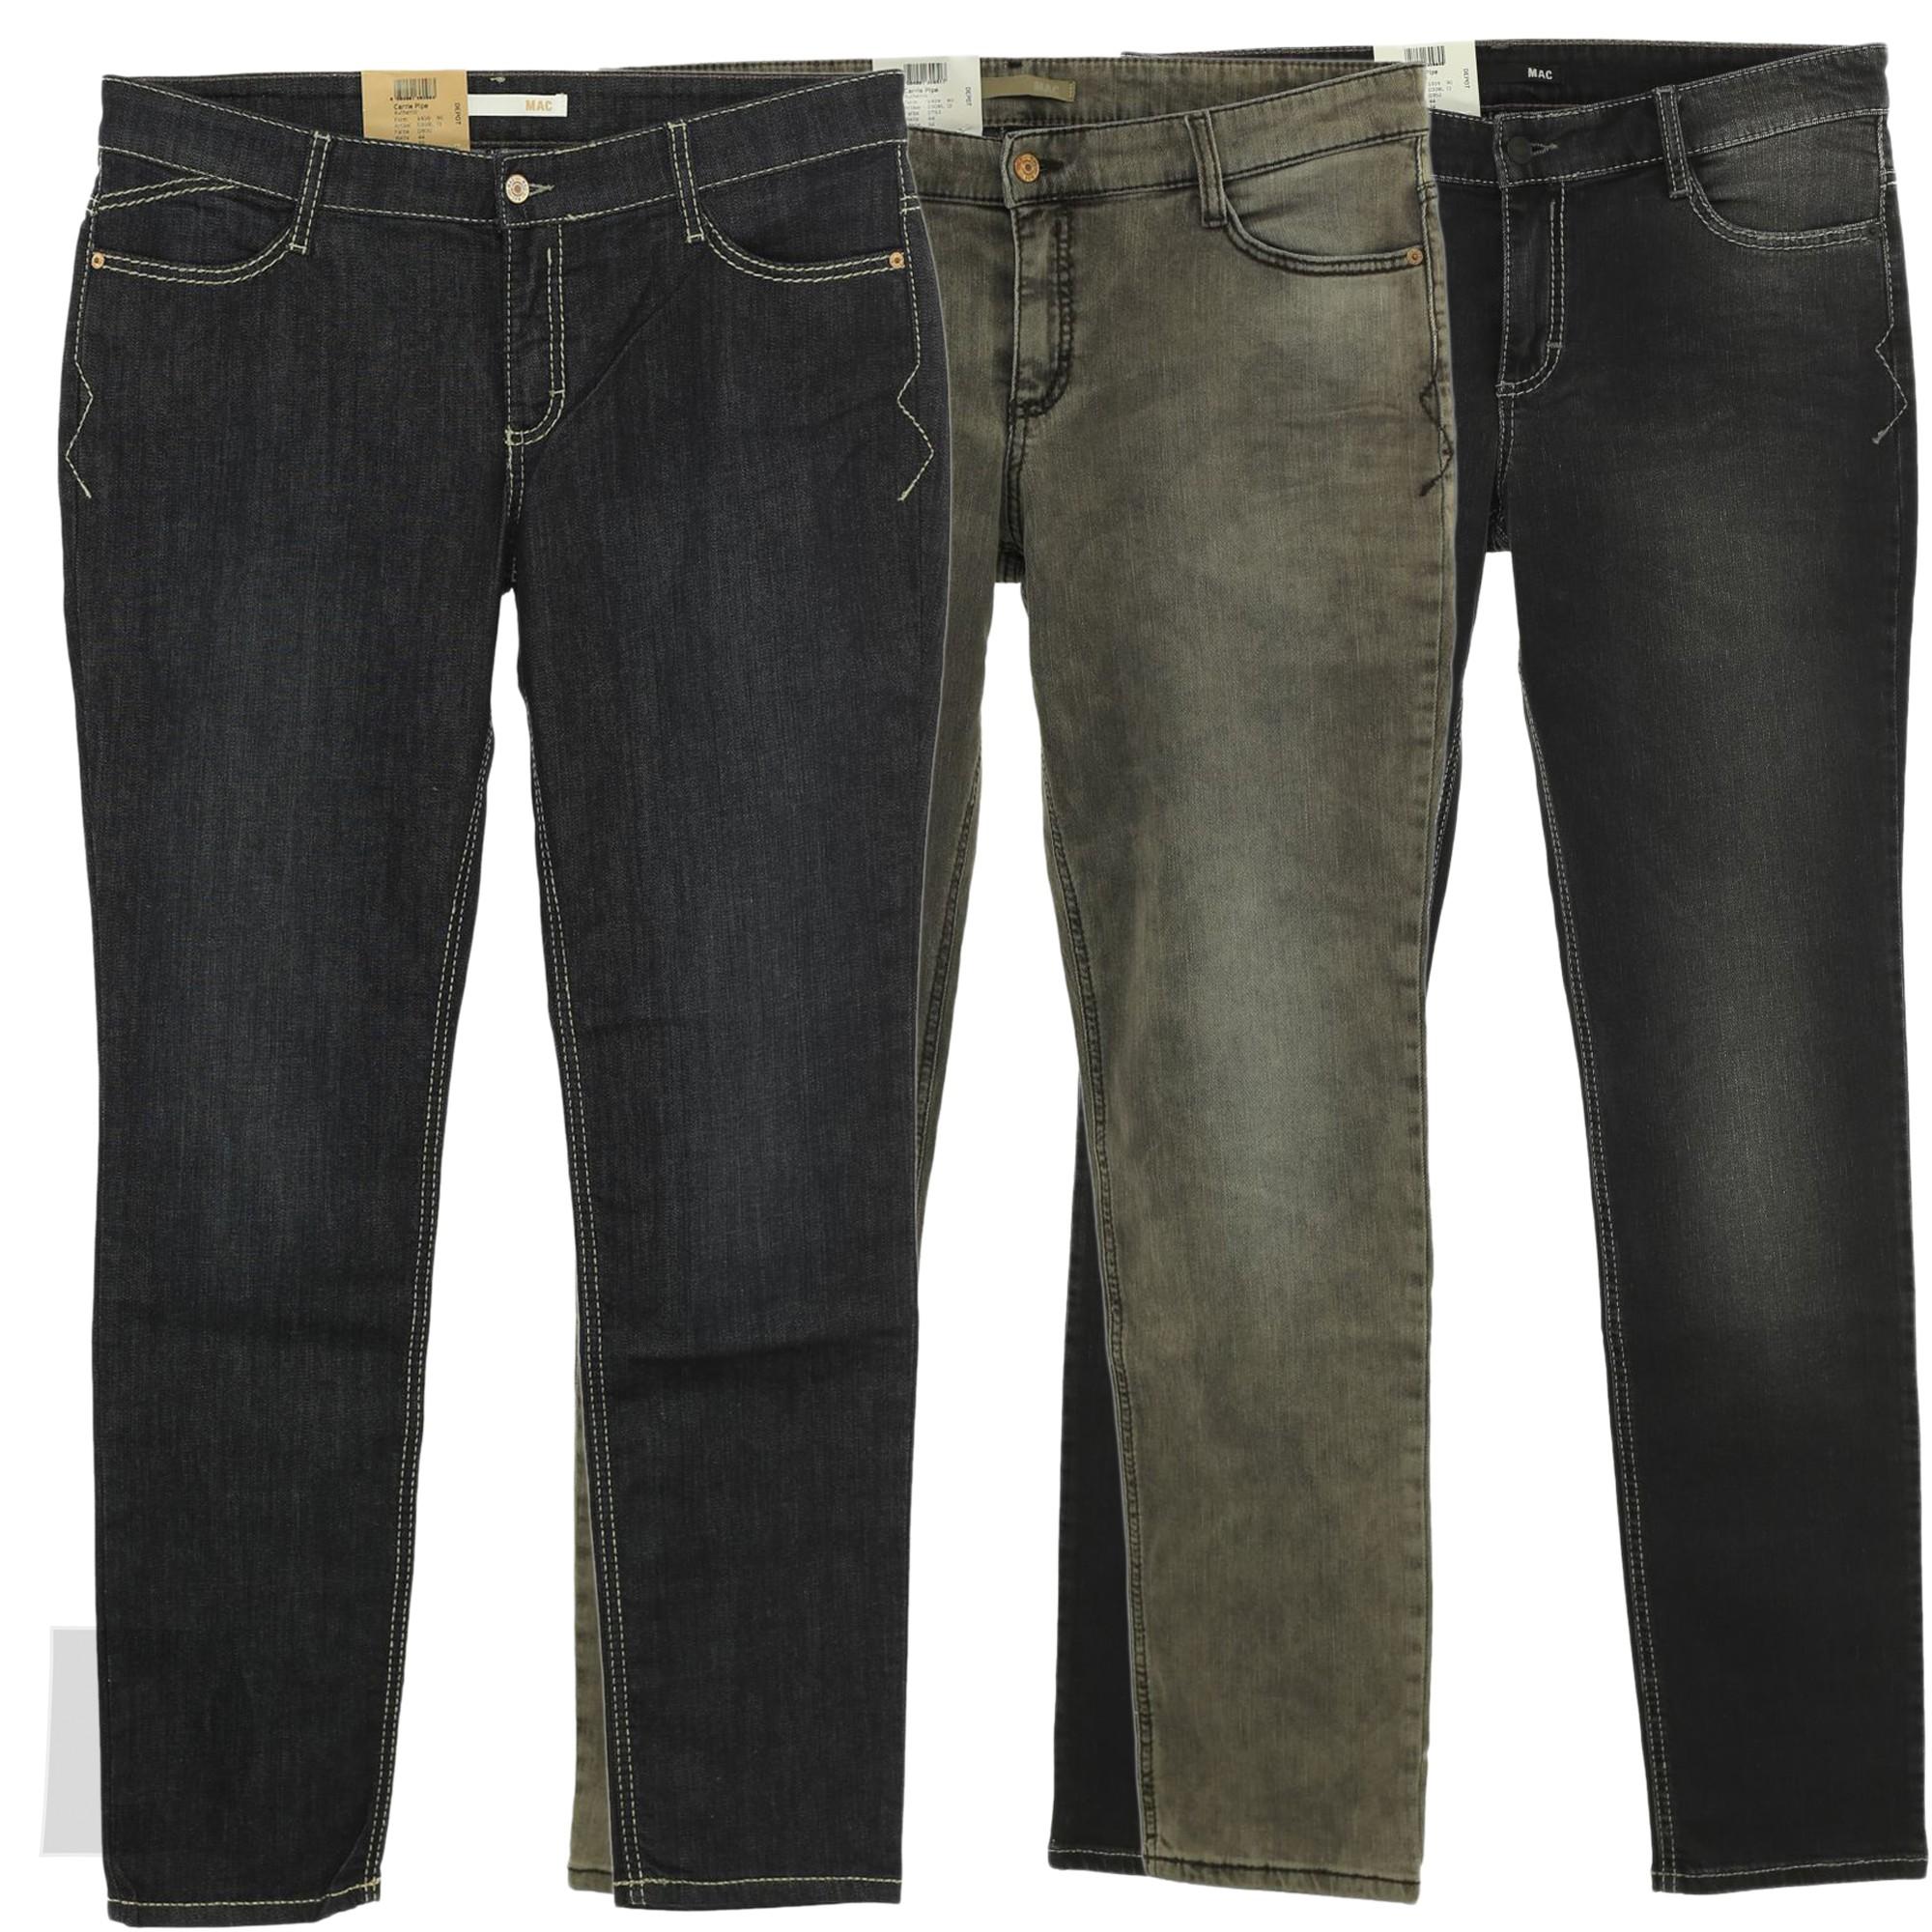 mac jeans carri pipe authentic damen stretch ebay. Black Bedroom Furniture Sets. Home Design Ideas